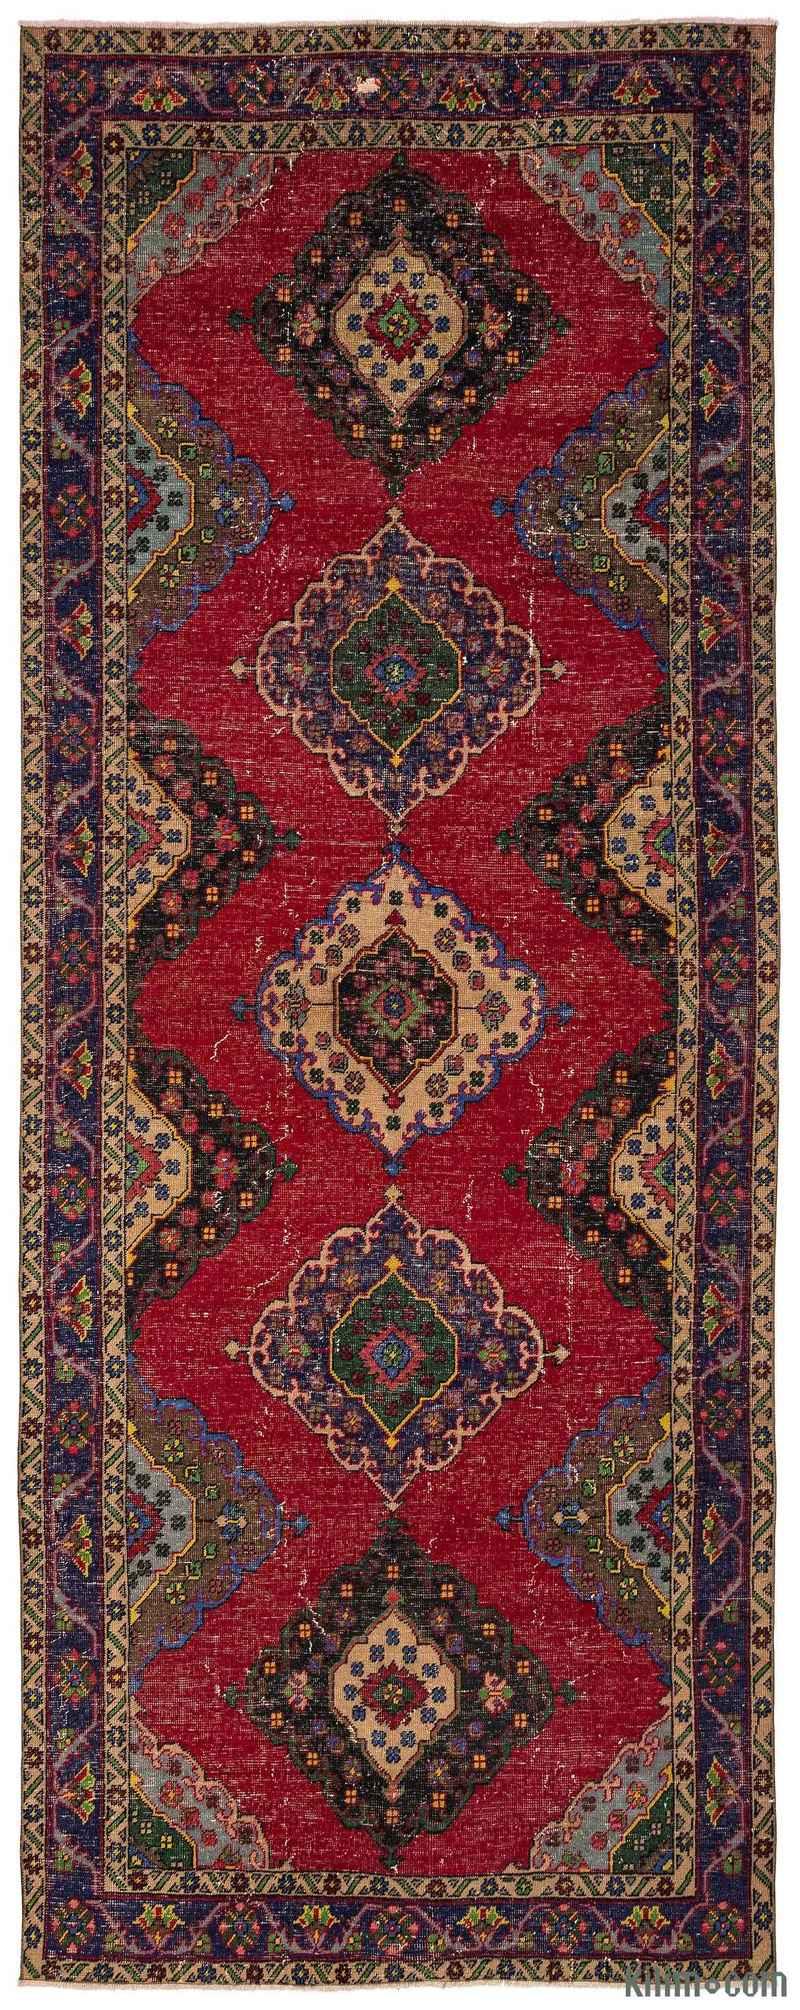 K0012517 Turkish Vintage Runner Rug 4 8 Quot X 12 2 Quot 56 In